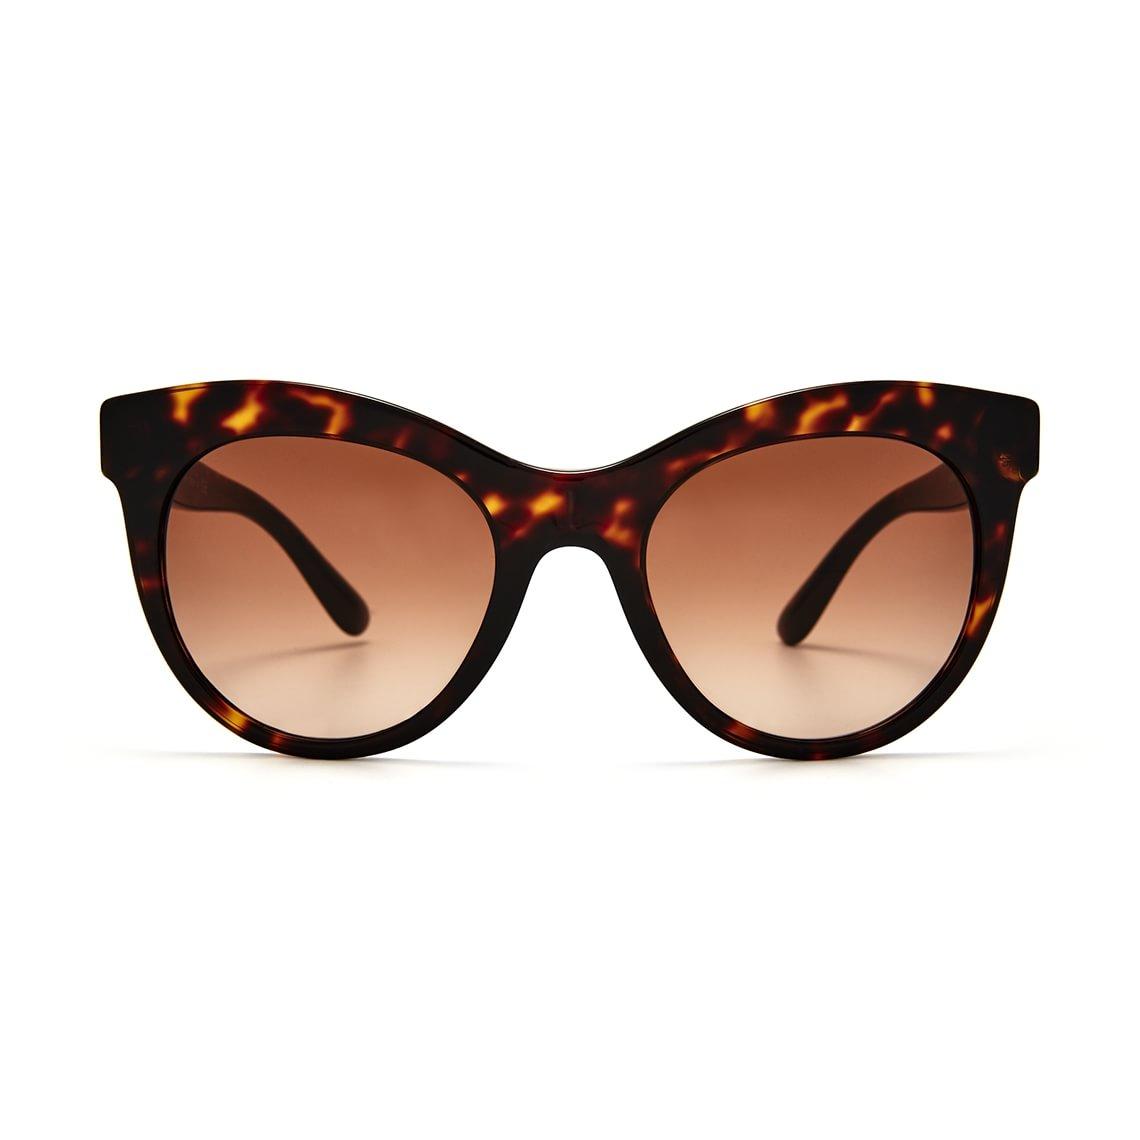 Dolce & Gabbana DG4311 502/13 5120